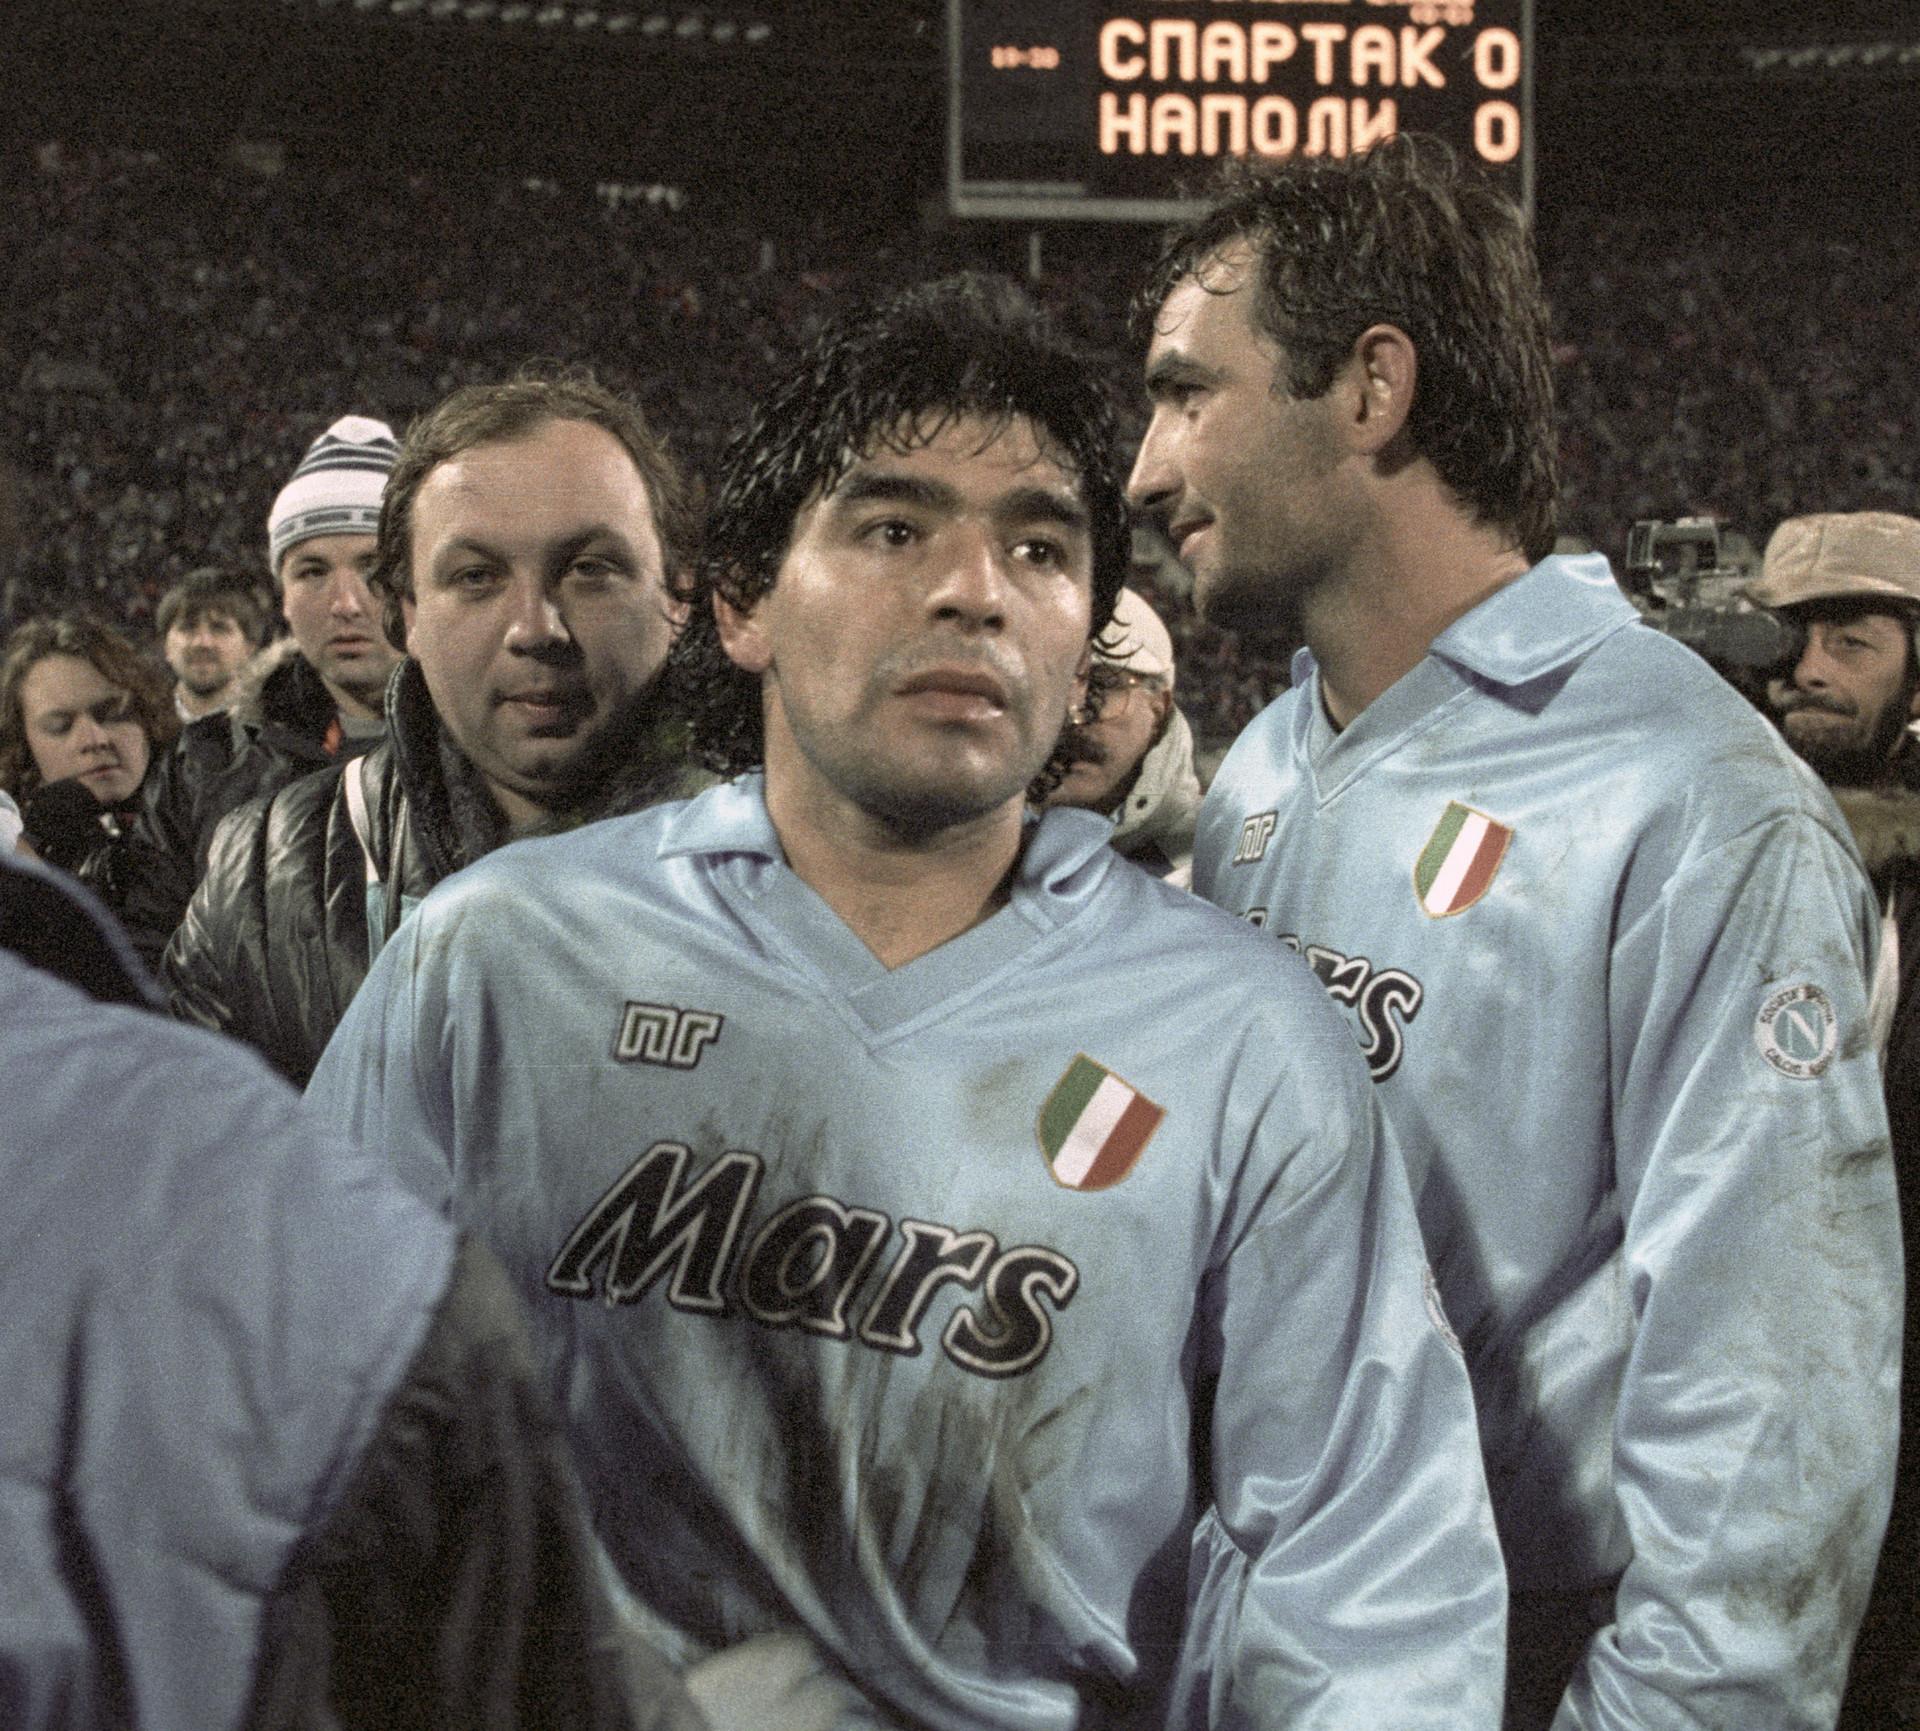 Diego Maradona dopo la sconfitta del suo Napoli contro lo Spartak per 5-3 ai rigori il 7 novembre 1990